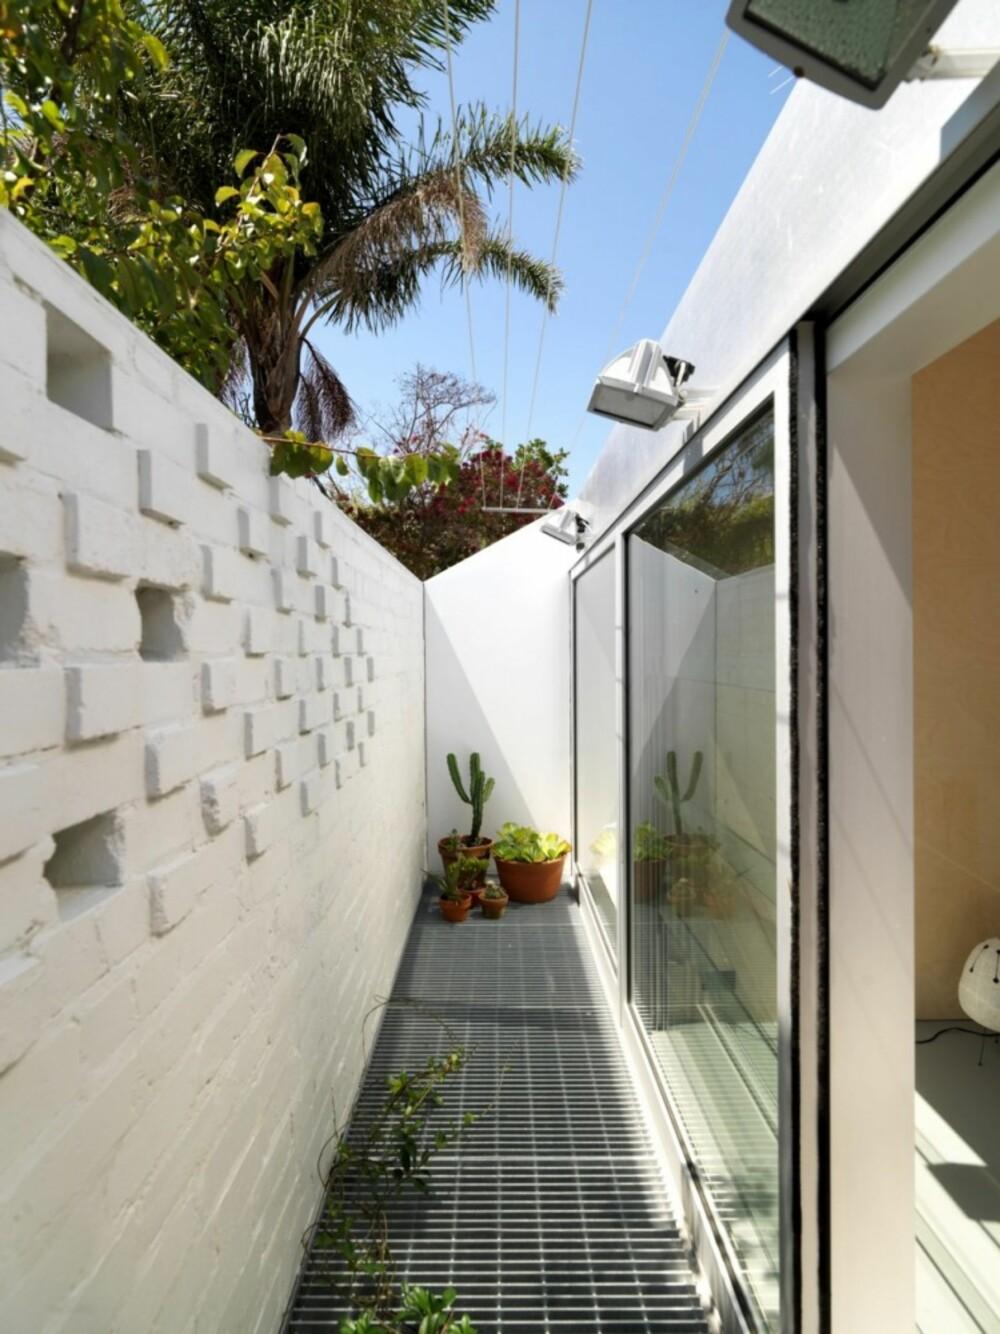 SOLFYLT: En smal liten bakhage sørger for at sollys og varme slipper inn i boligen.